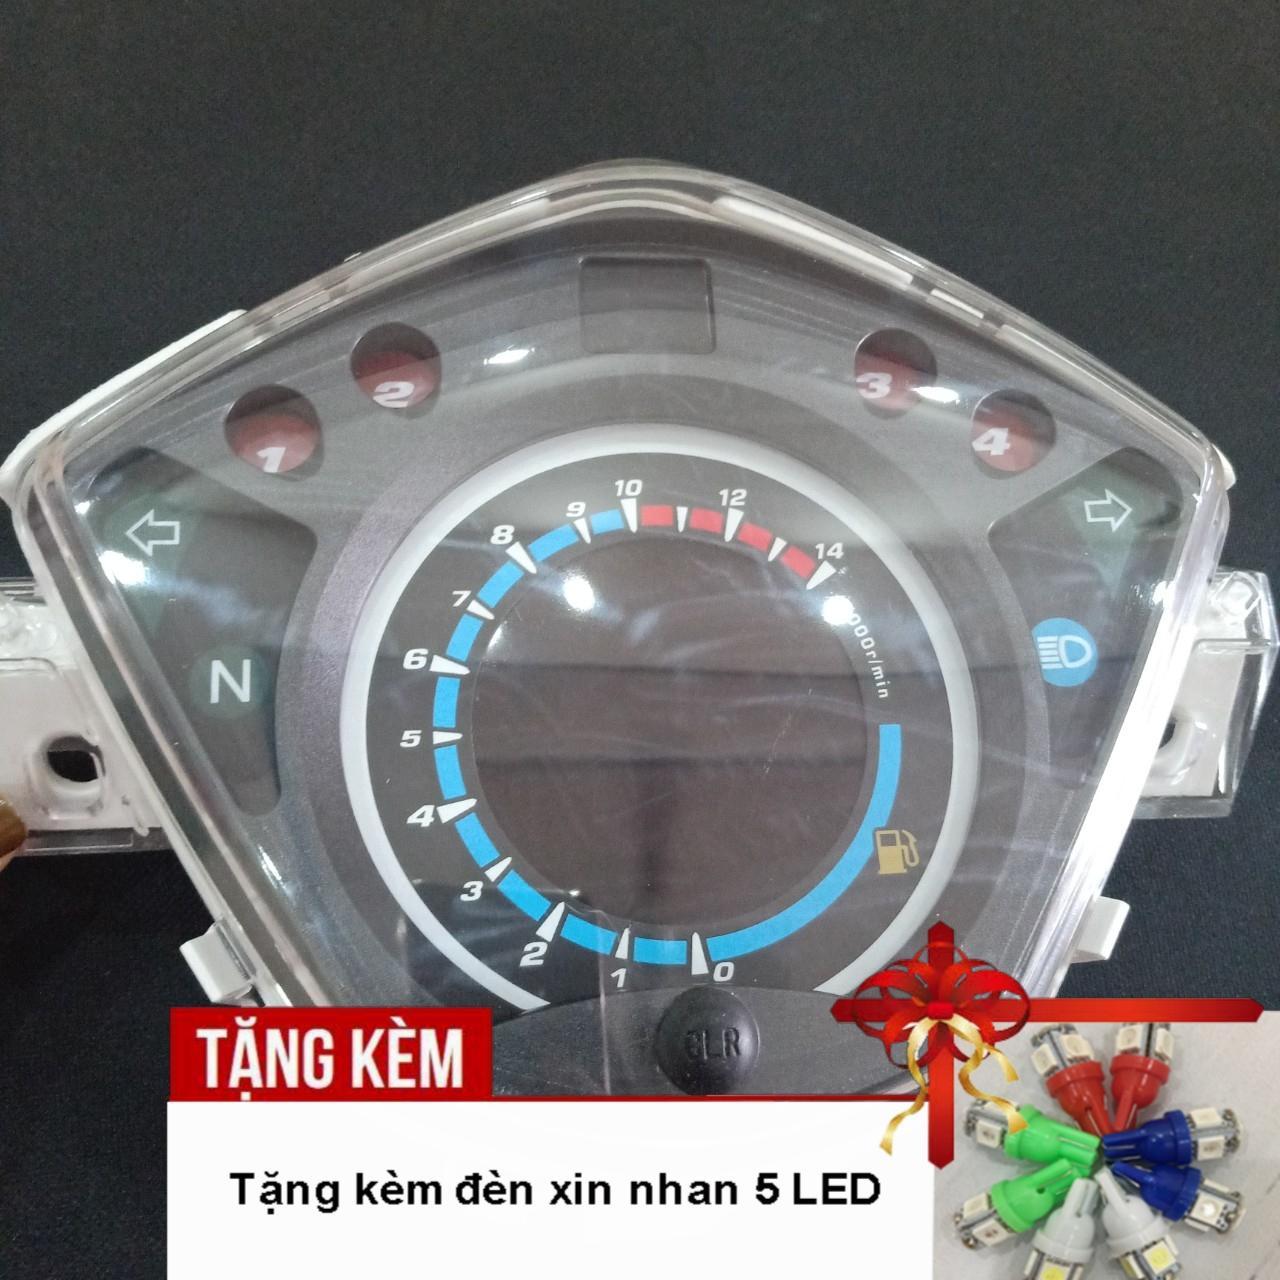 [RING QUÀ RING QUÀ ]Đồng hồ điện tử LCD xe Wave RSX, Wave 110 với led 7 màu siêu nét A284 - Tặng kèm đèn xinhan 5 led